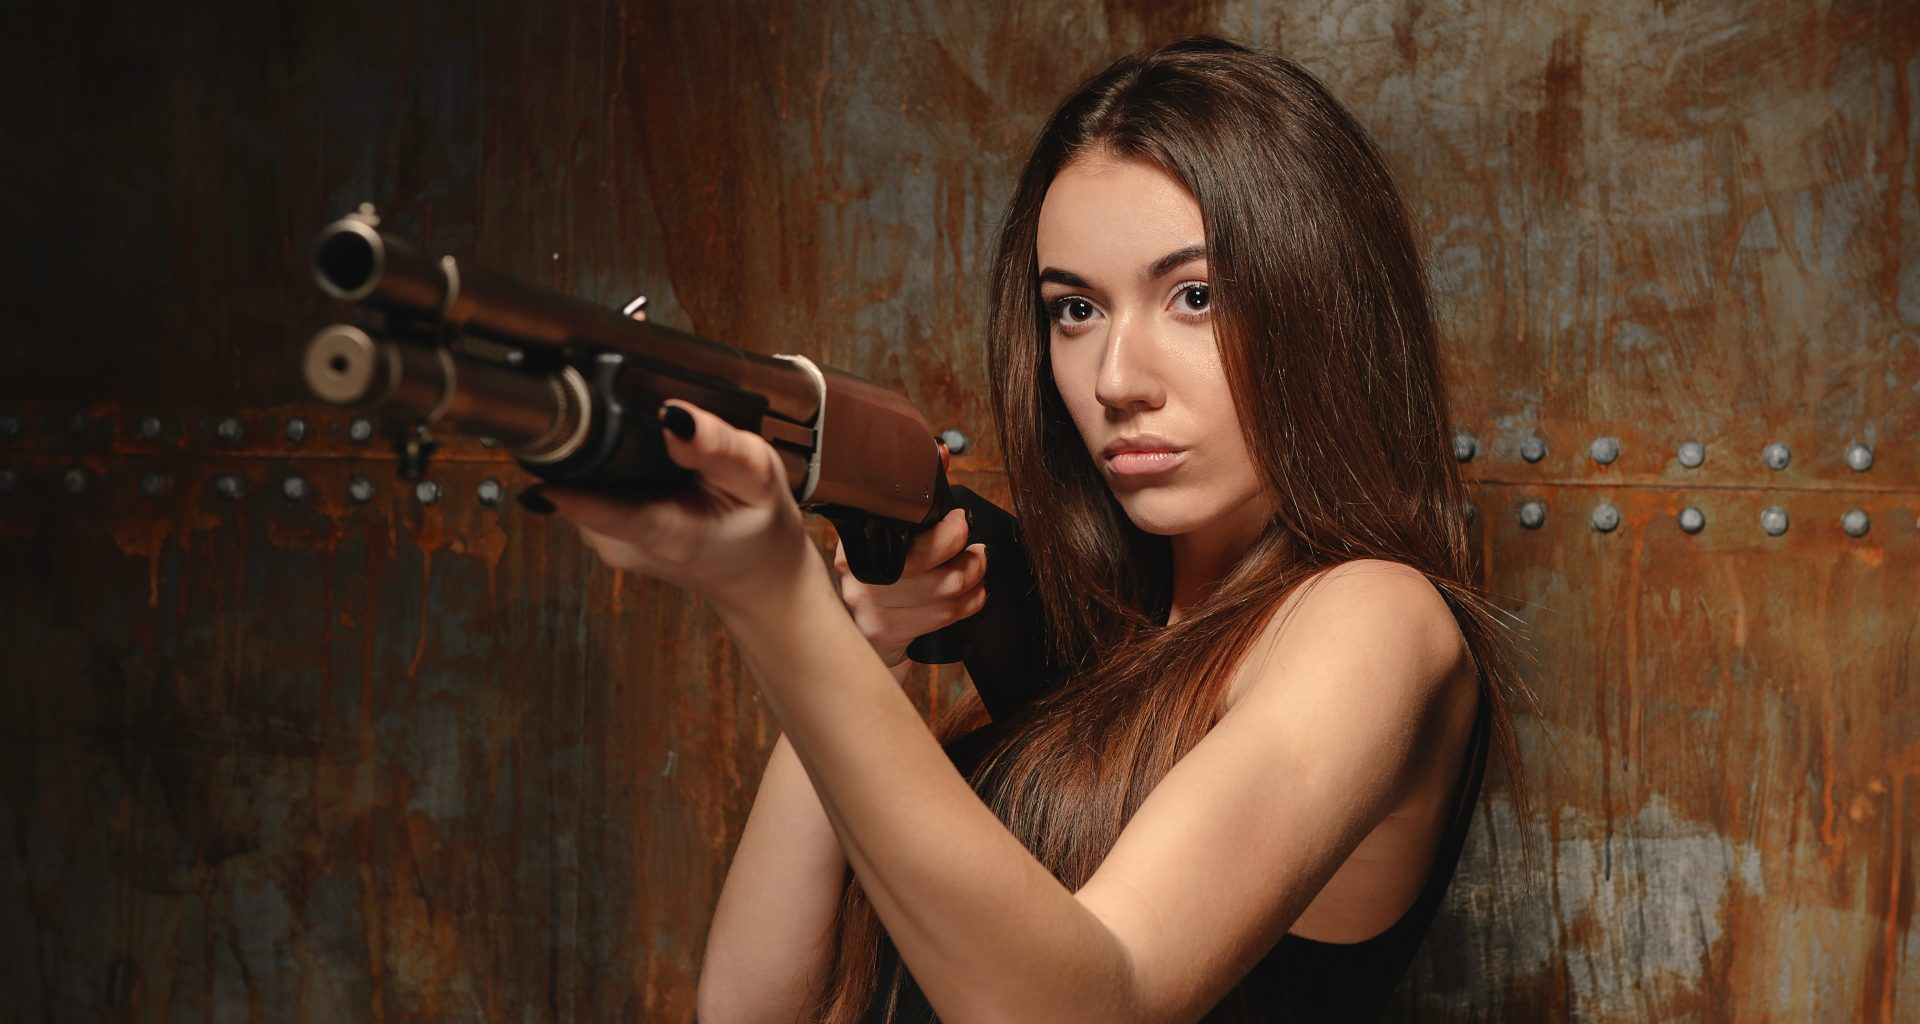 woman holding shotgun